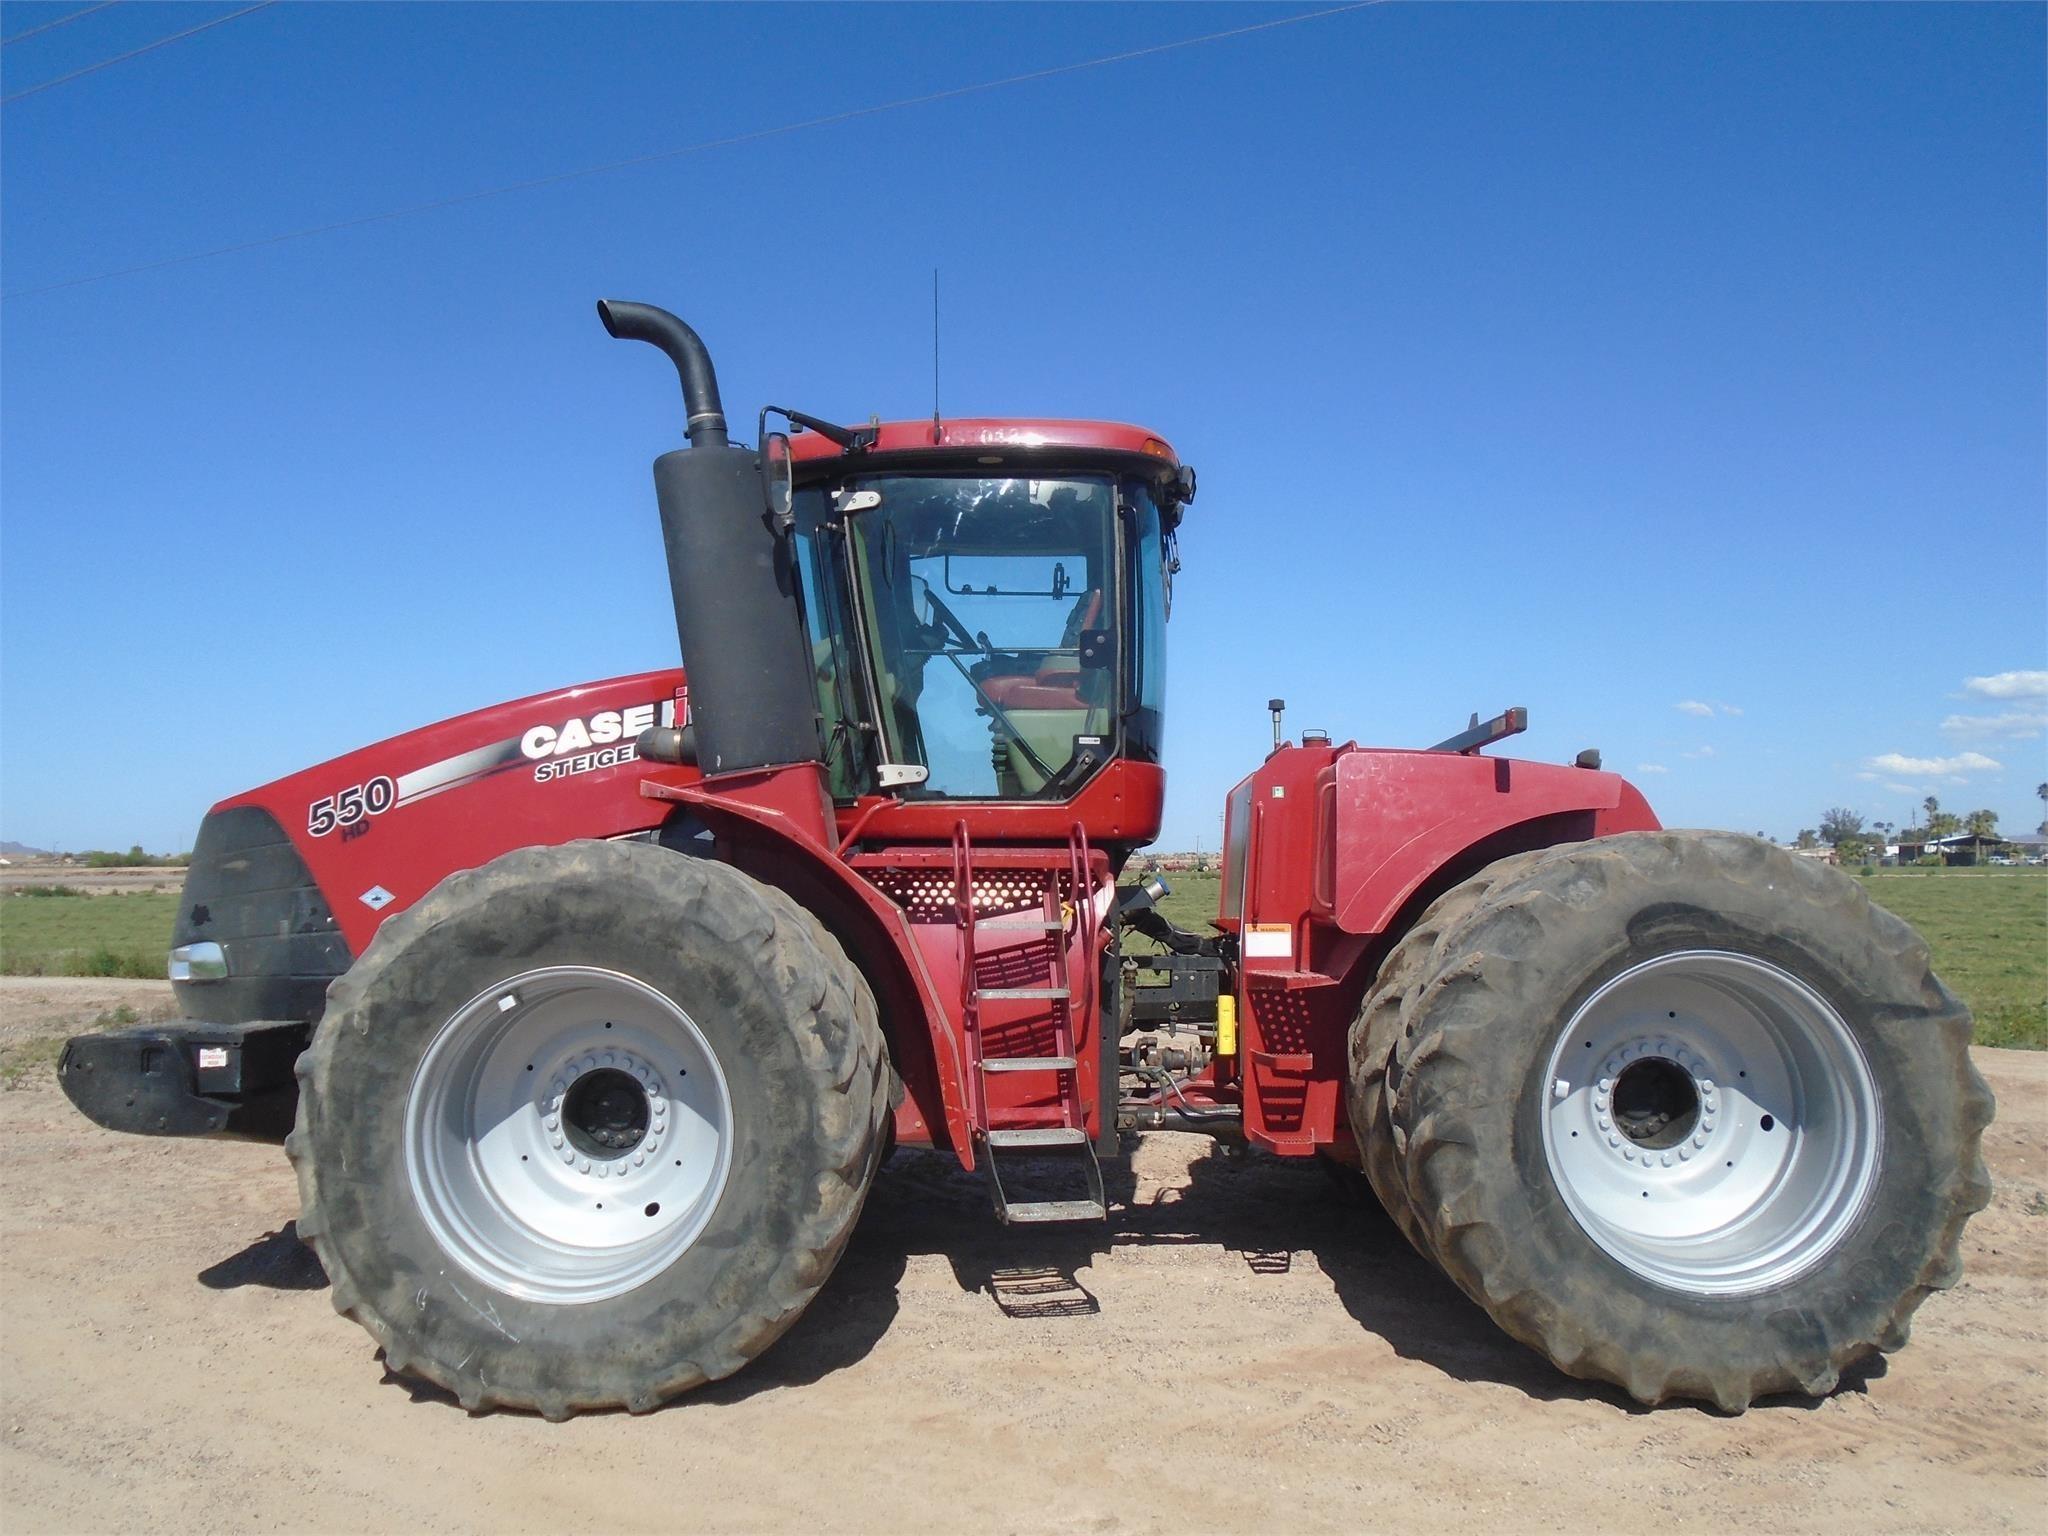 2011 Case IH Steiger 550 HD Tractor